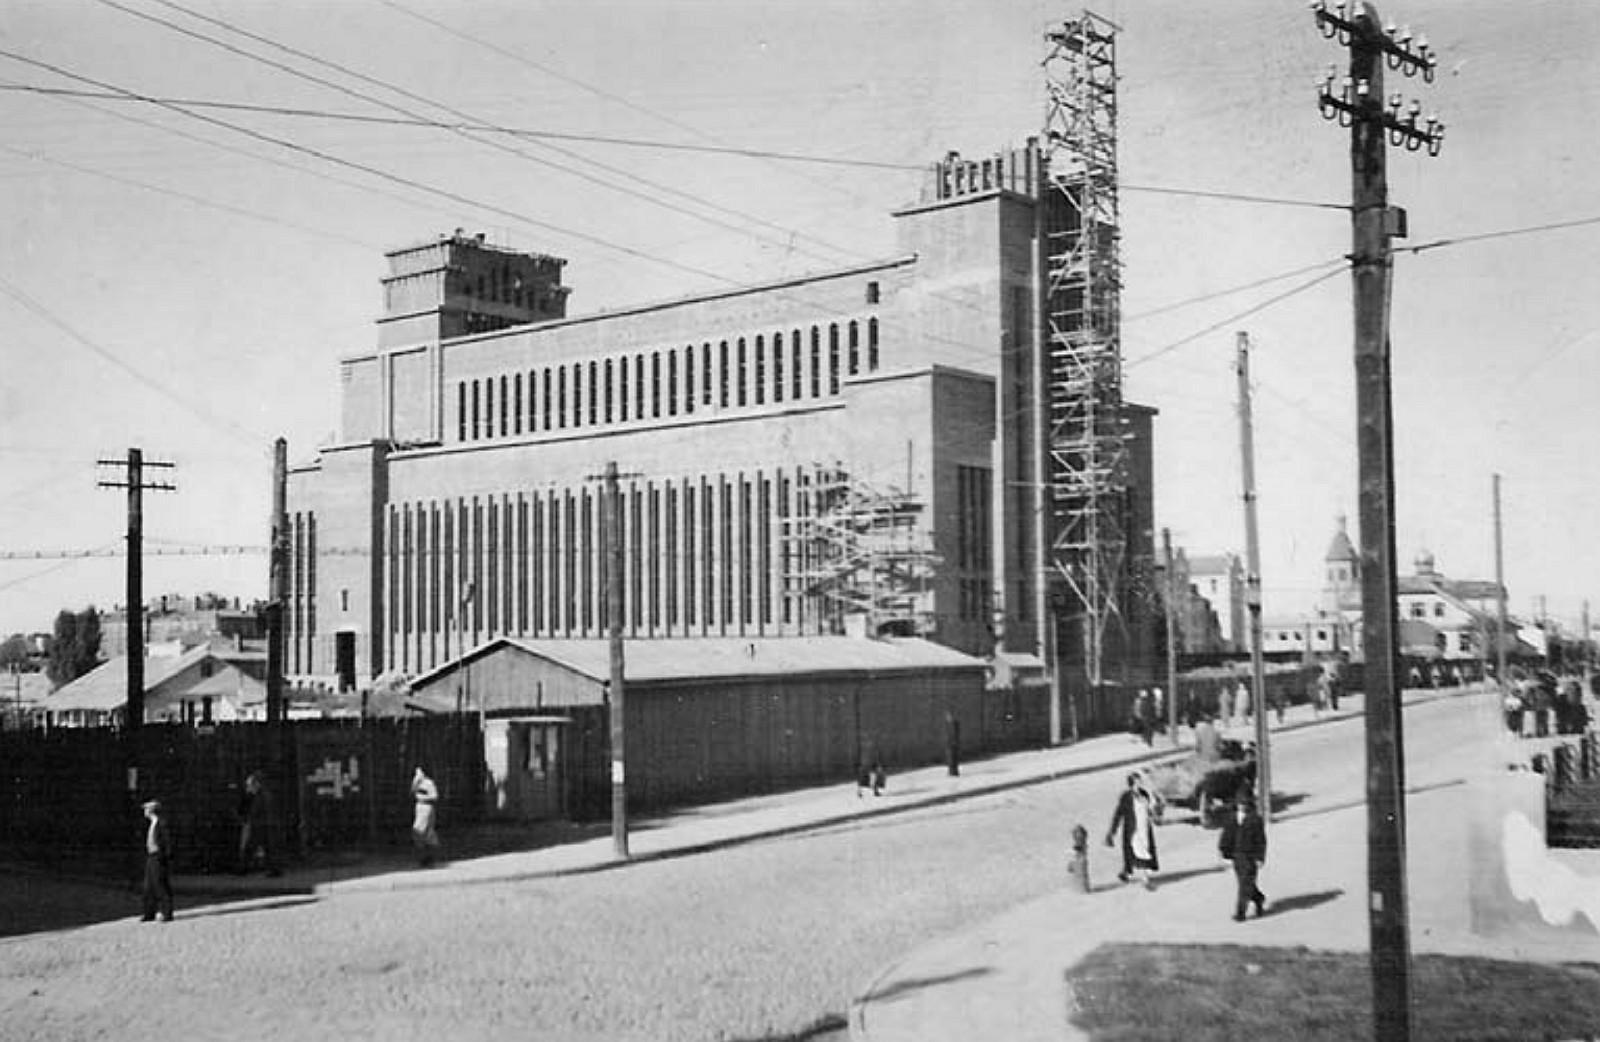 9 il. Šalia Žemaičių gatvės kyla pagrindinis bažnyčios bokštas, apie 1938–1939 m., Kauno Kristaus Prisikėlimo bažnyčios ir parapijos archyvas